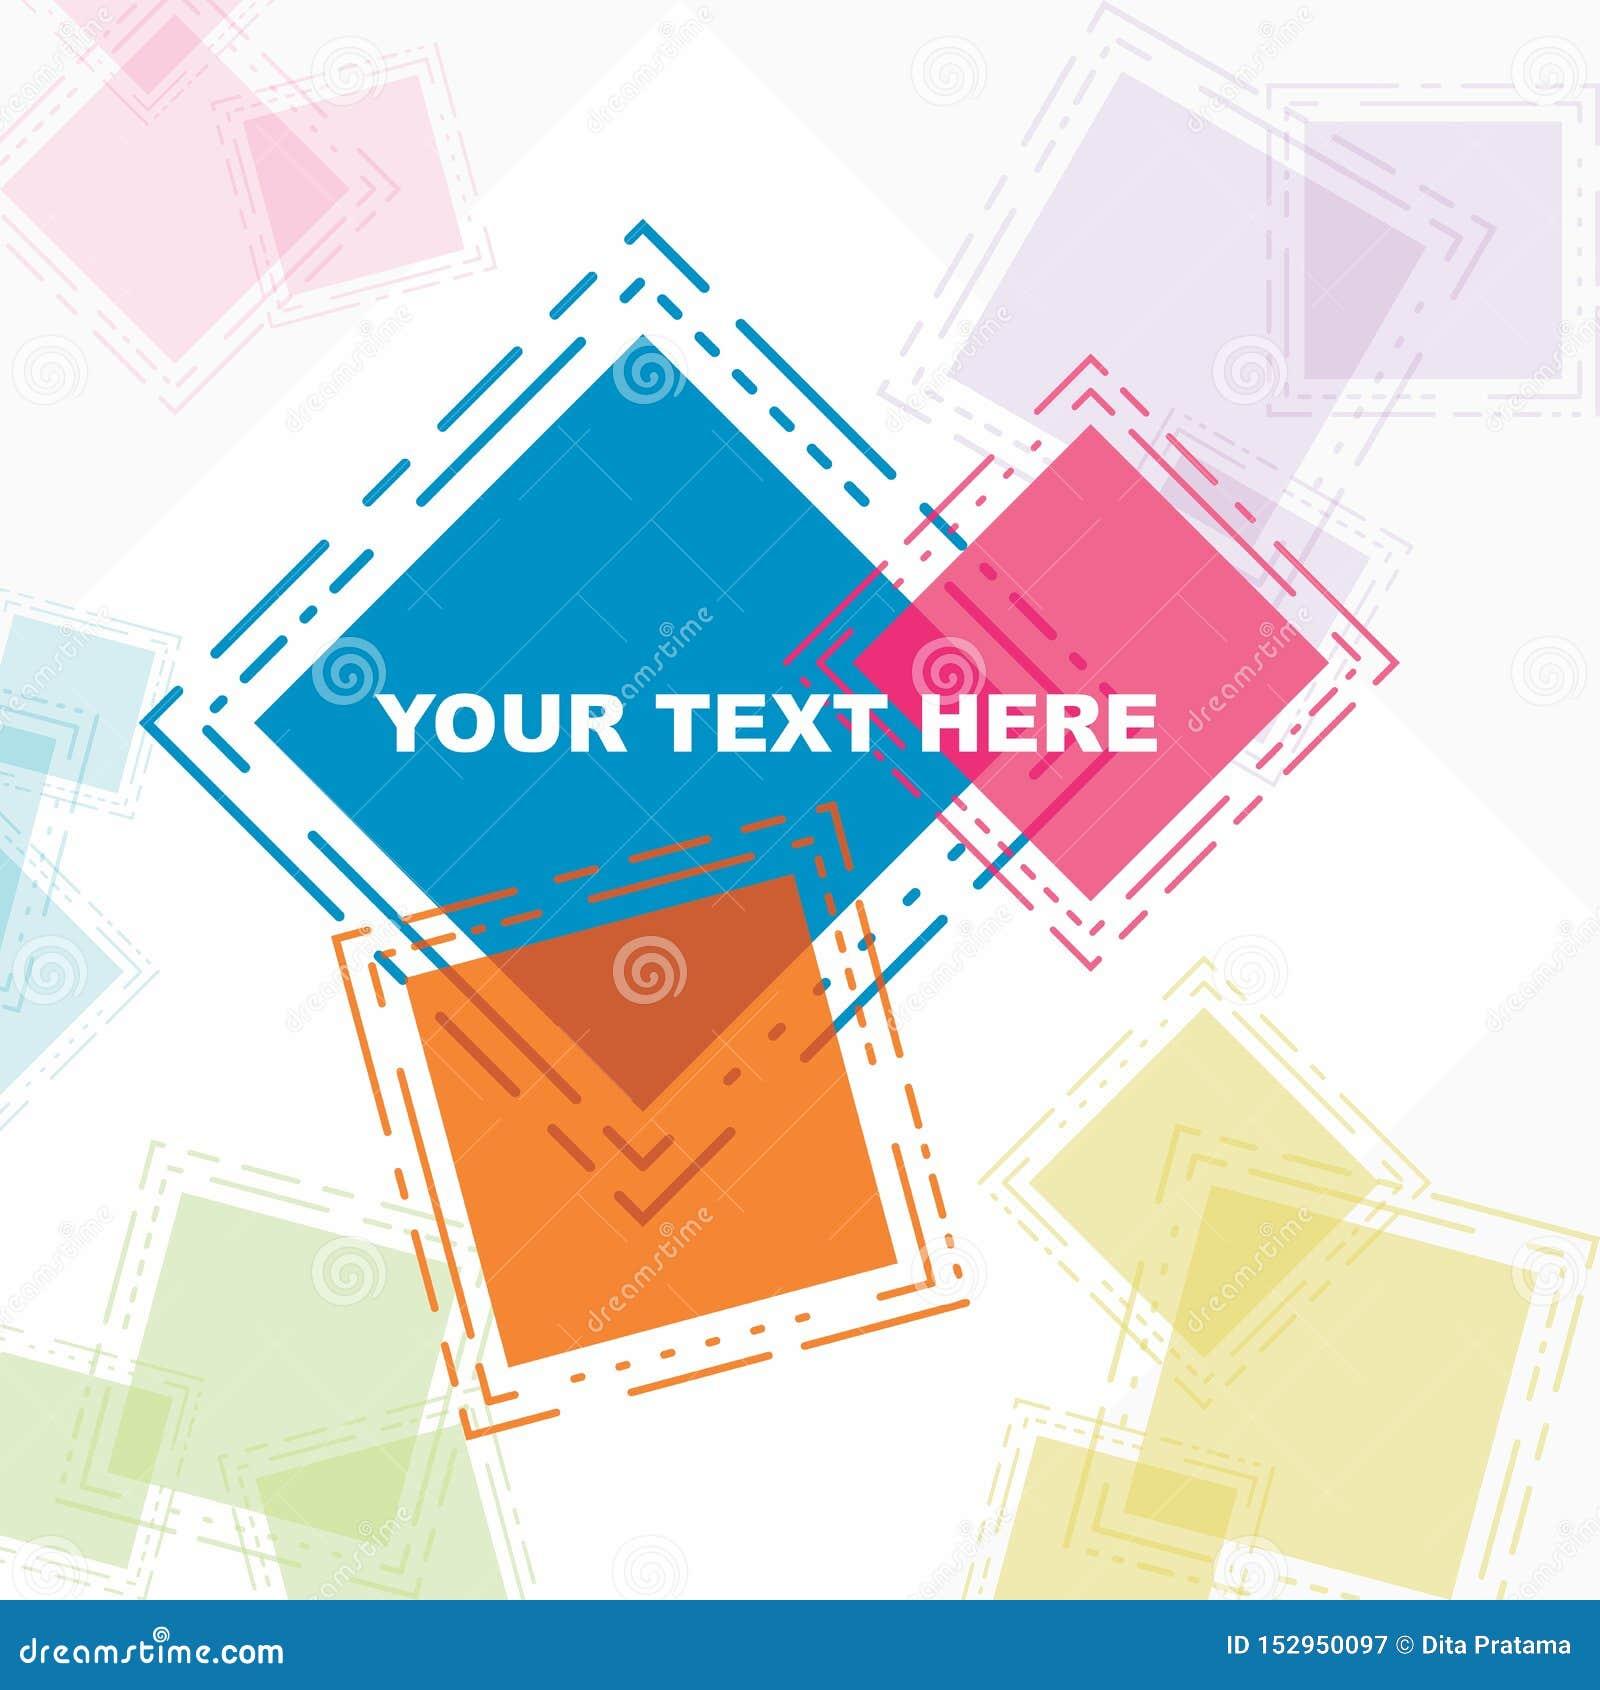 Όμορφη αφίσα ευχετήριων καρτών στο ζωηρόχρωμο αφηρημένο τετράγωνο